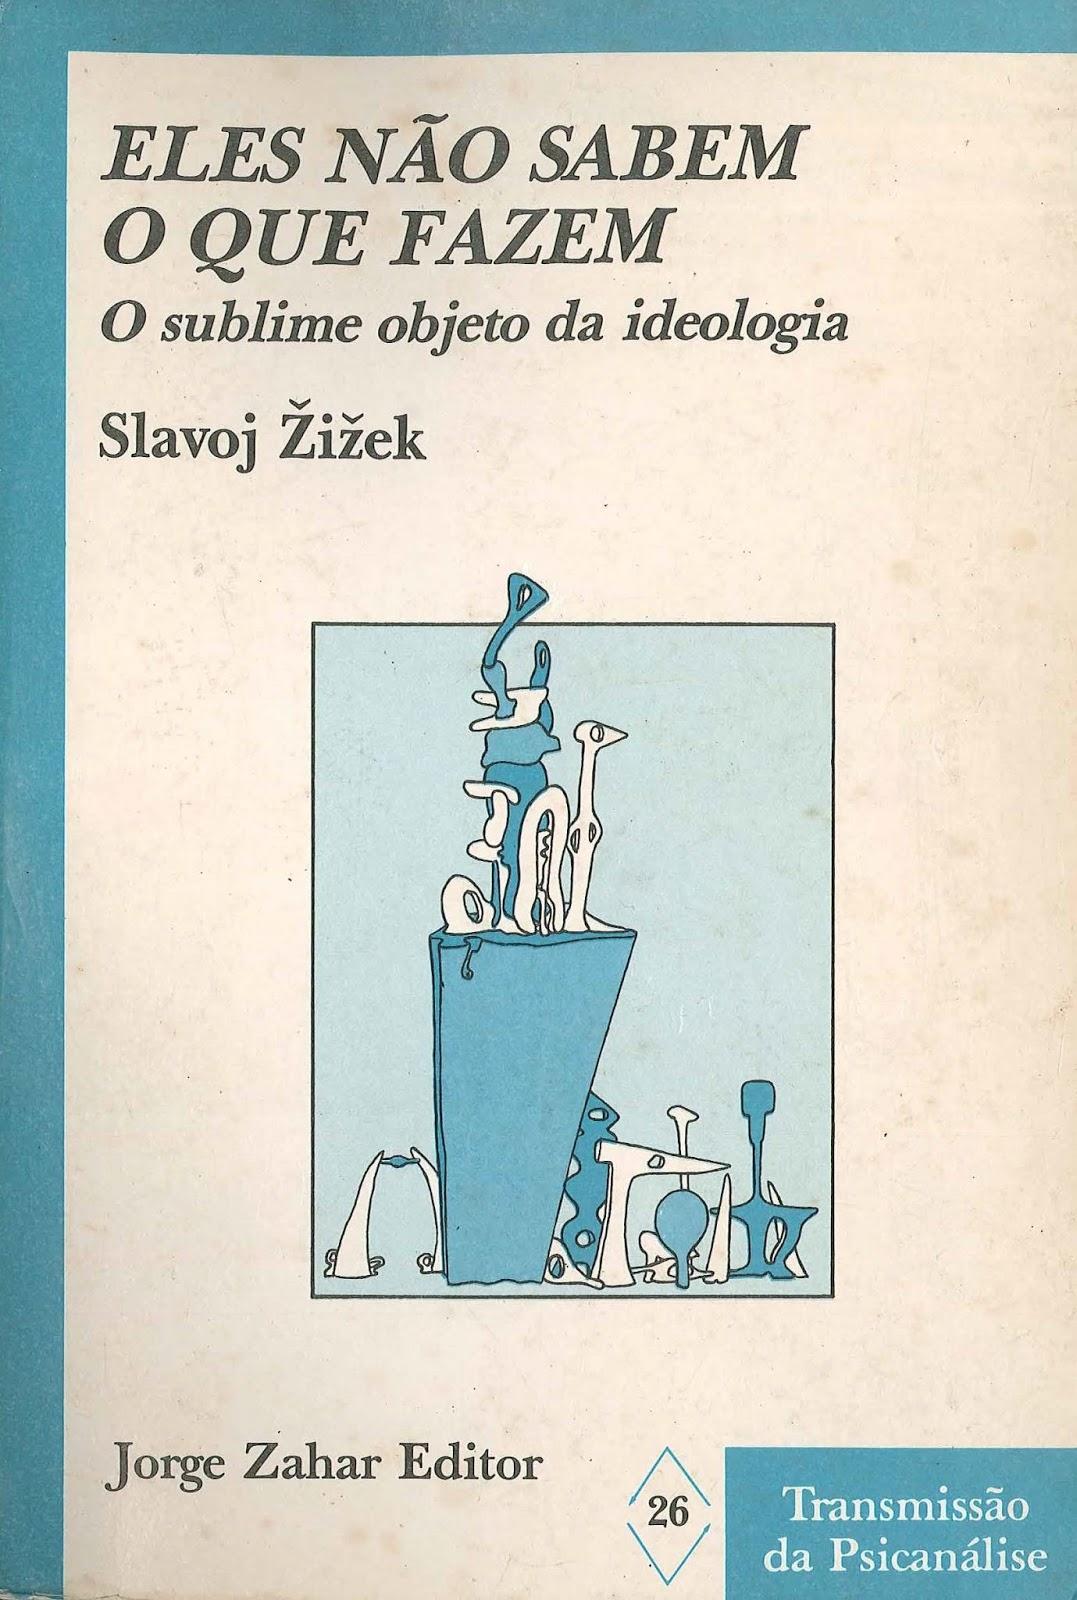 Eles não sabem o que fazem - o sublime objeto da ideologia - Slavoj Zizek